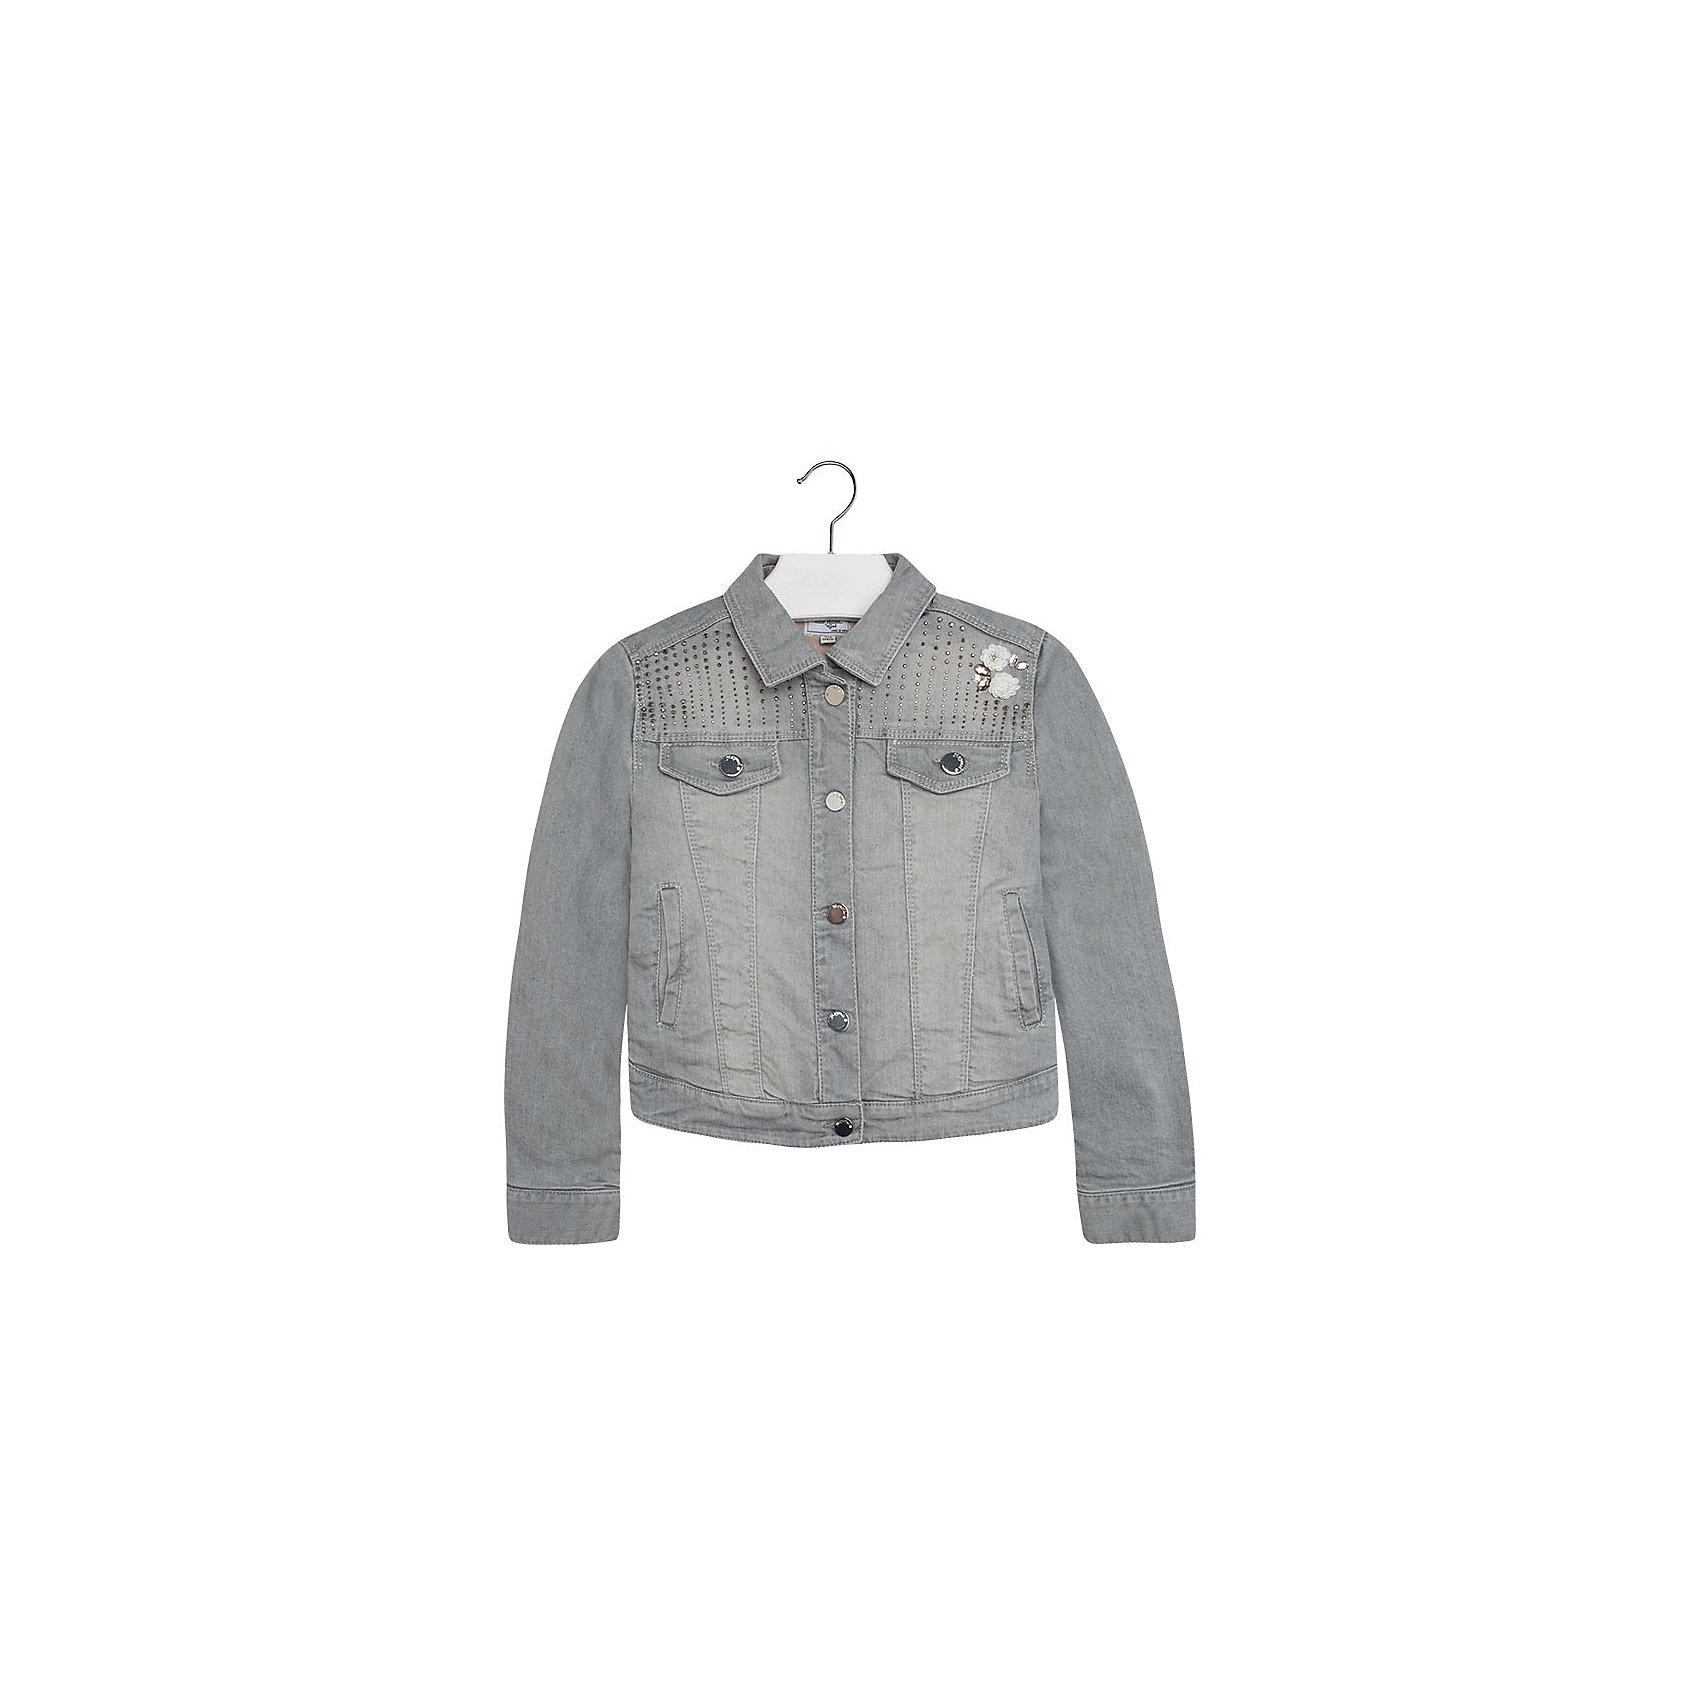 Джинсовая куртка для девочки MayoralКуртка для девочки от популярной испанской марки Mayoral.<br><br>Джинсовая куртка от бренда Mayoral – эффектная и стильная модель. Комфортный крой и качественный материал обеспечит комфорт при ношении этой вещи. Натуральный хлопок в составе изделия делает его дышащим и мягким.<br>Модель имеет следующие особенности:<br><br>- натуральная джинсовая ткань сероватого цвета;<br>- эффект потертостей;<br>- застежки - кнопки;<br>- стразы различного размера и пайетки в качестве украшений.<br><br>Состав: 100% хлопок<br>Уход за изделием:<br><br>стирка в машине при температуре до 30°С,<br>не отбеливать,<br>гладить на низкой температуре.<br><br>Куртку для девочки Mayoral (Майорал) можно купить в нашем магазине.<br><br>Ширина мм: 356<br>Глубина мм: 10<br>Высота мм: 245<br>Вес г: 519<br>Цвет: серый<br>Возраст от месяцев: 132<br>Возраст до месяцев: 144<br>Пол: Женский<br>Возраст: Детский<br>Размер: 152,140,164,128,158<br>SKU: 4190304